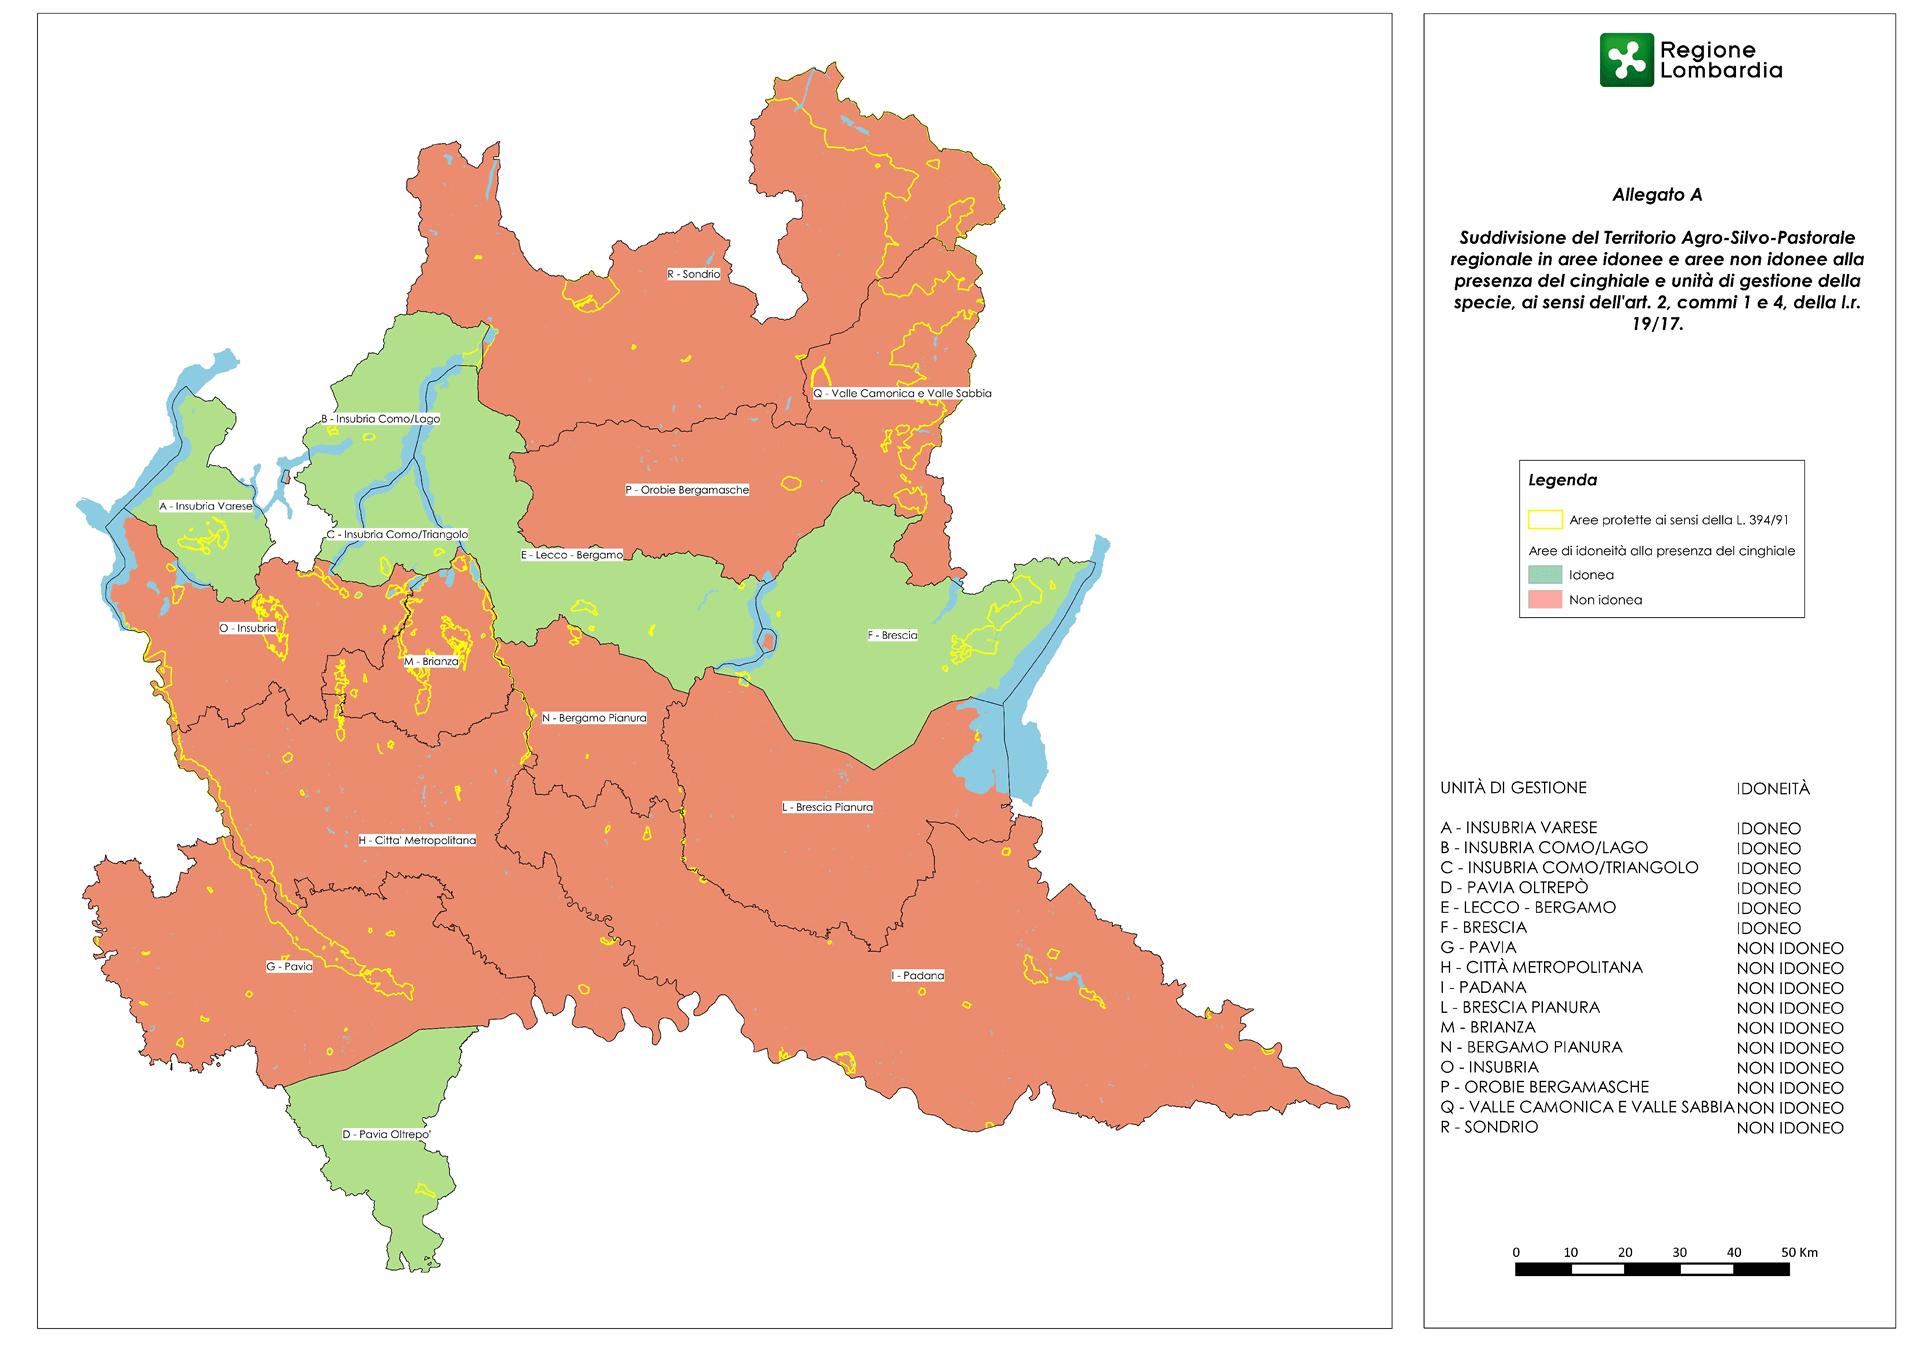 suddivisione del territorio regionale in aree idonee e non idonee alla presenza del cinghiale